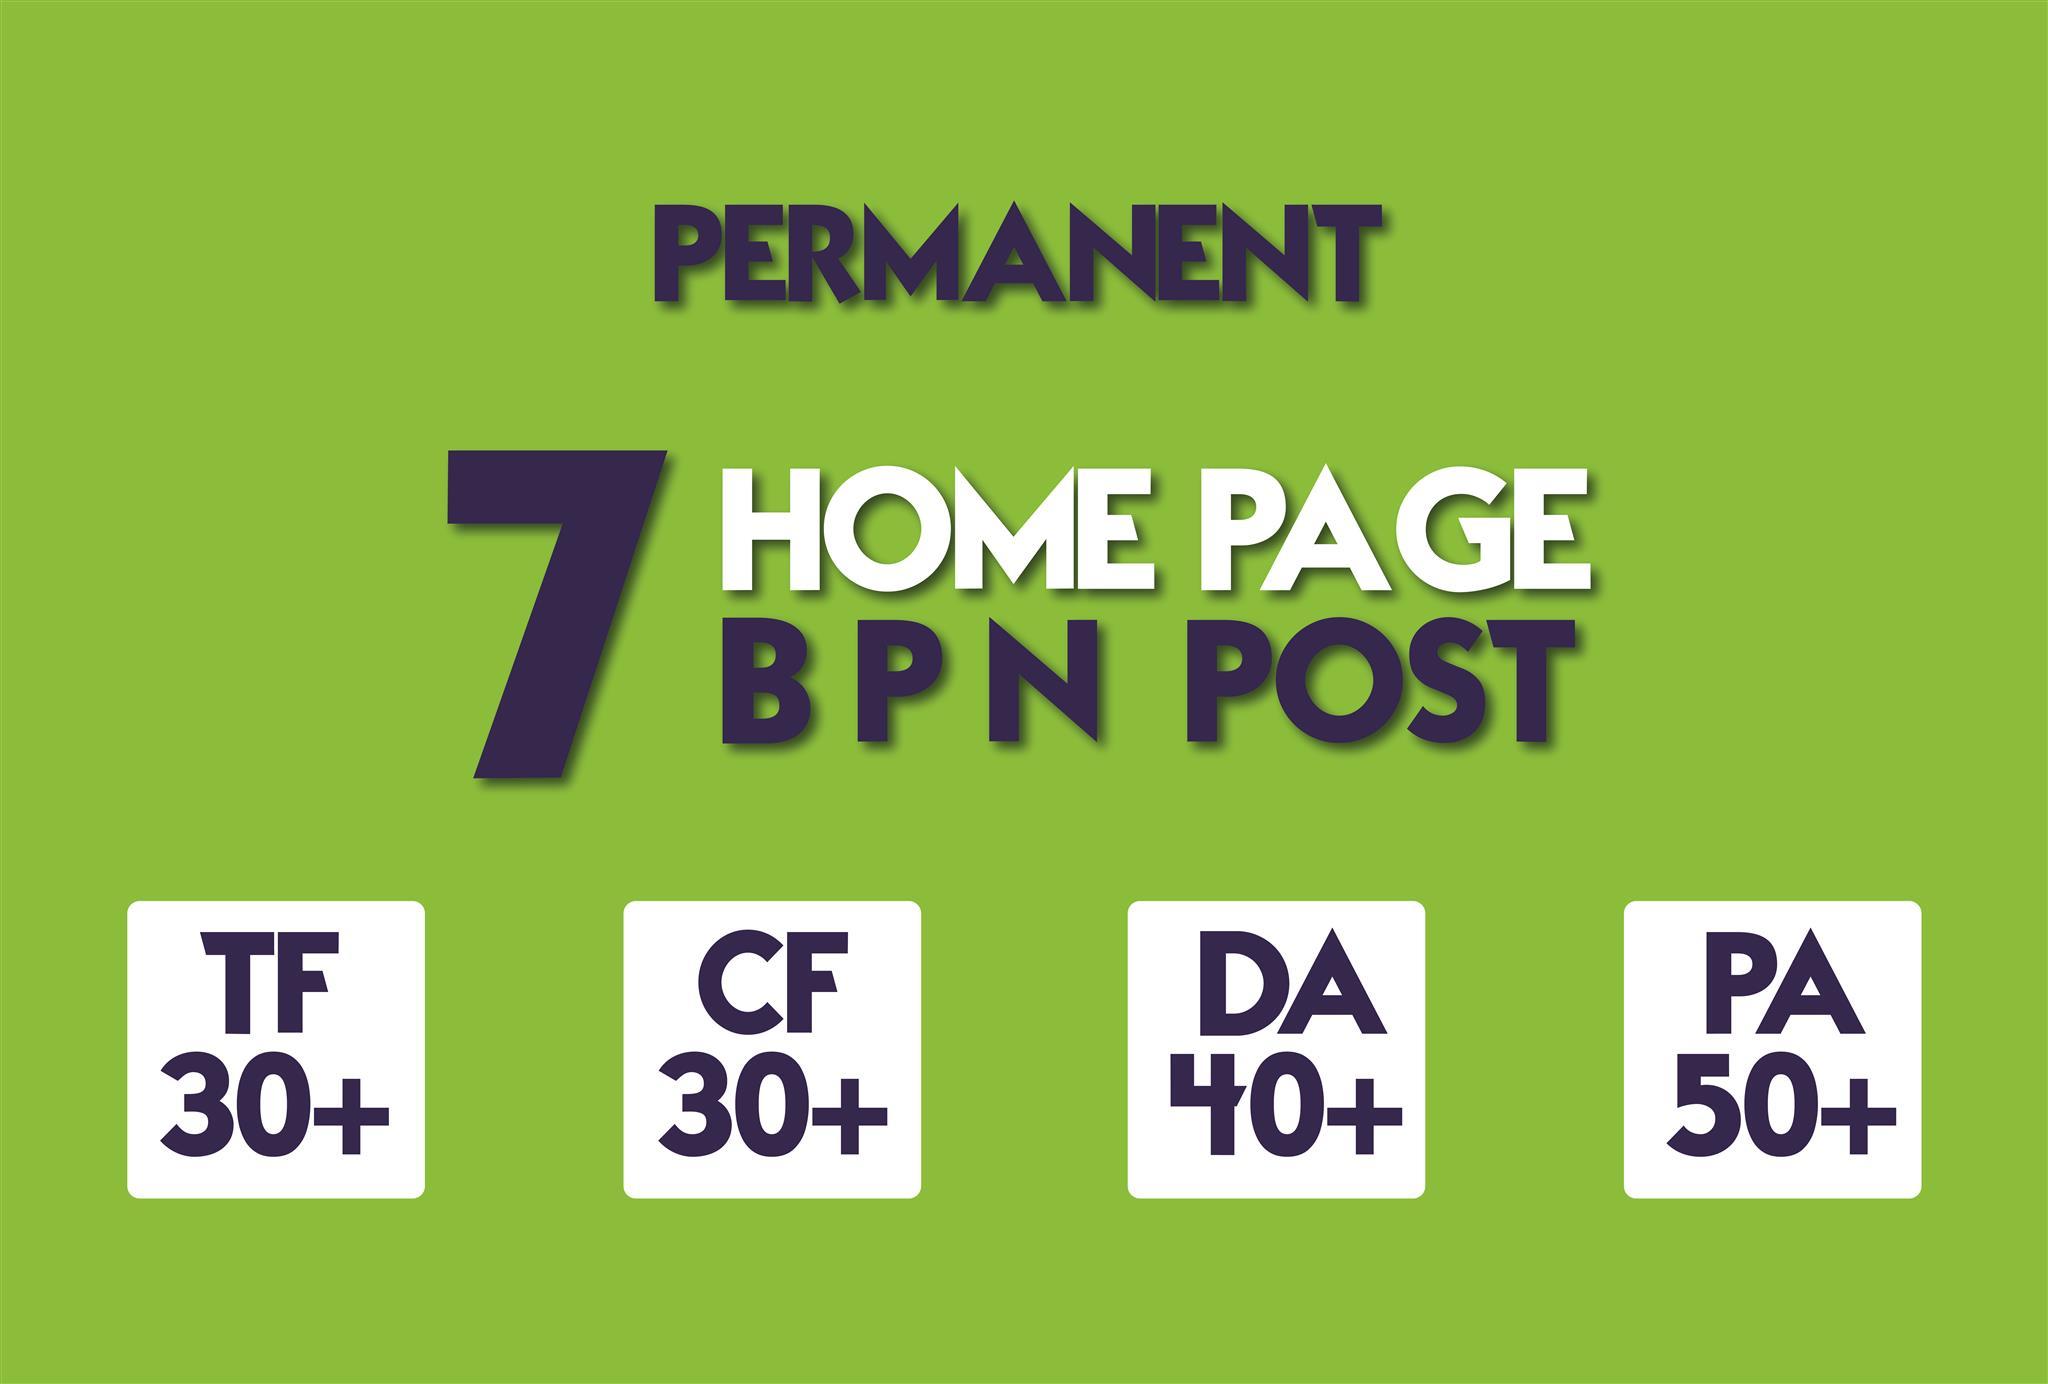 I will make 8 Manual HIGH TF CF 20+ DA 15+ PA 35+ Dofollow PBN